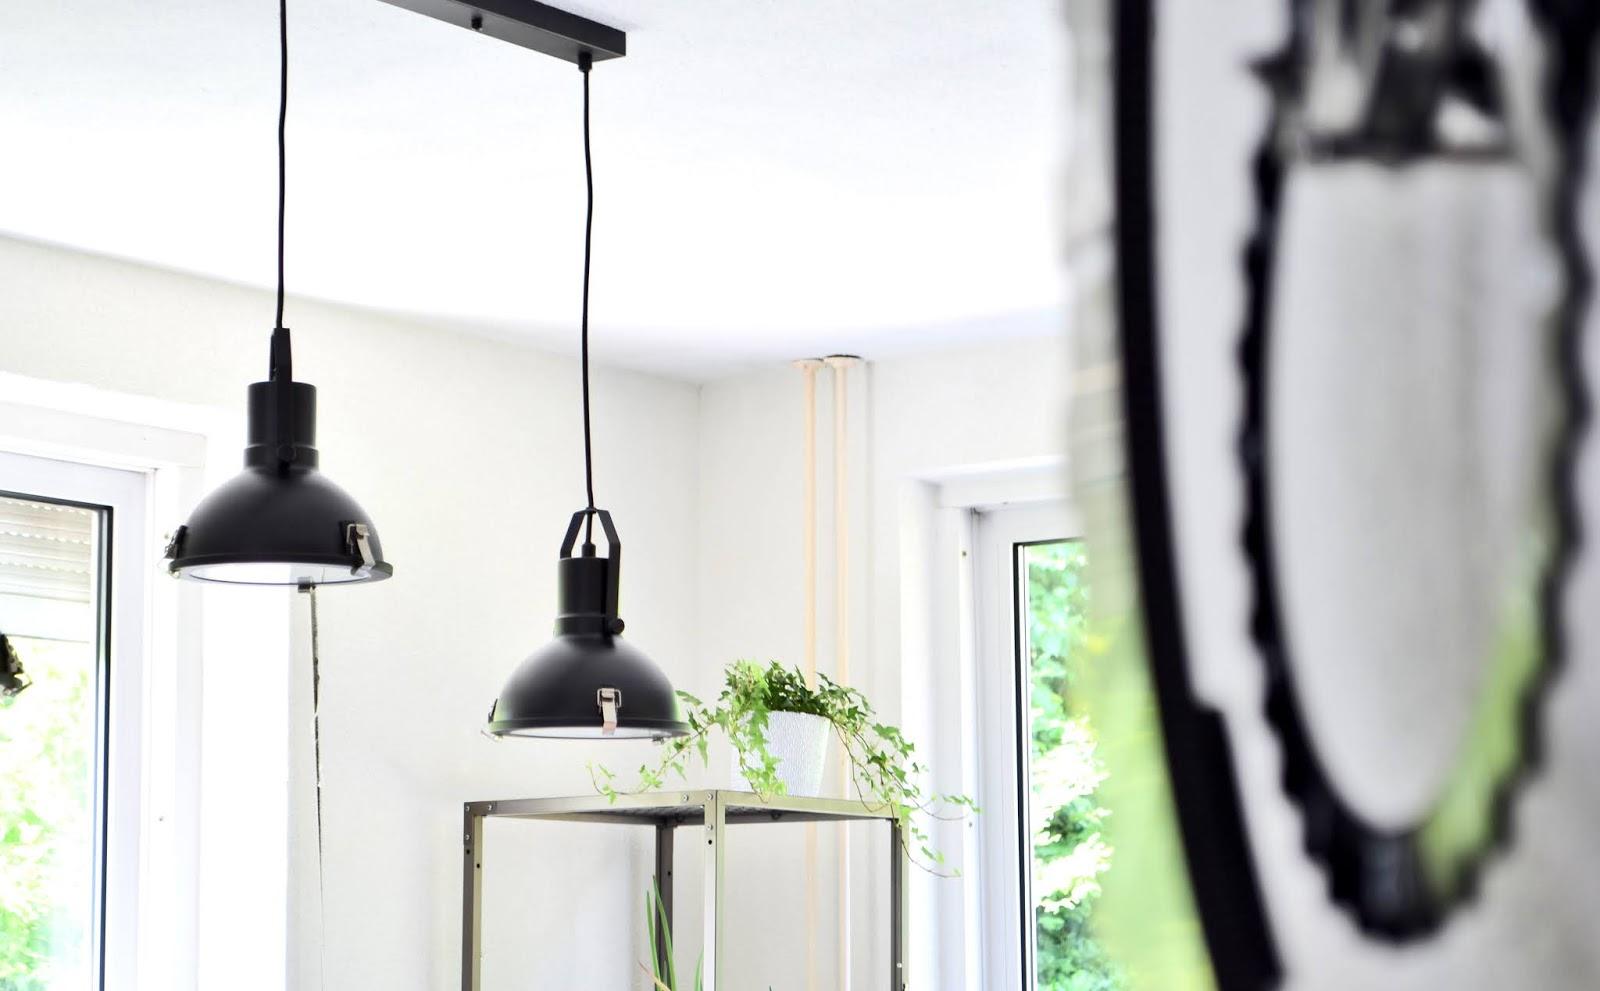 Lampy w poszczególnych pomieszczeniach